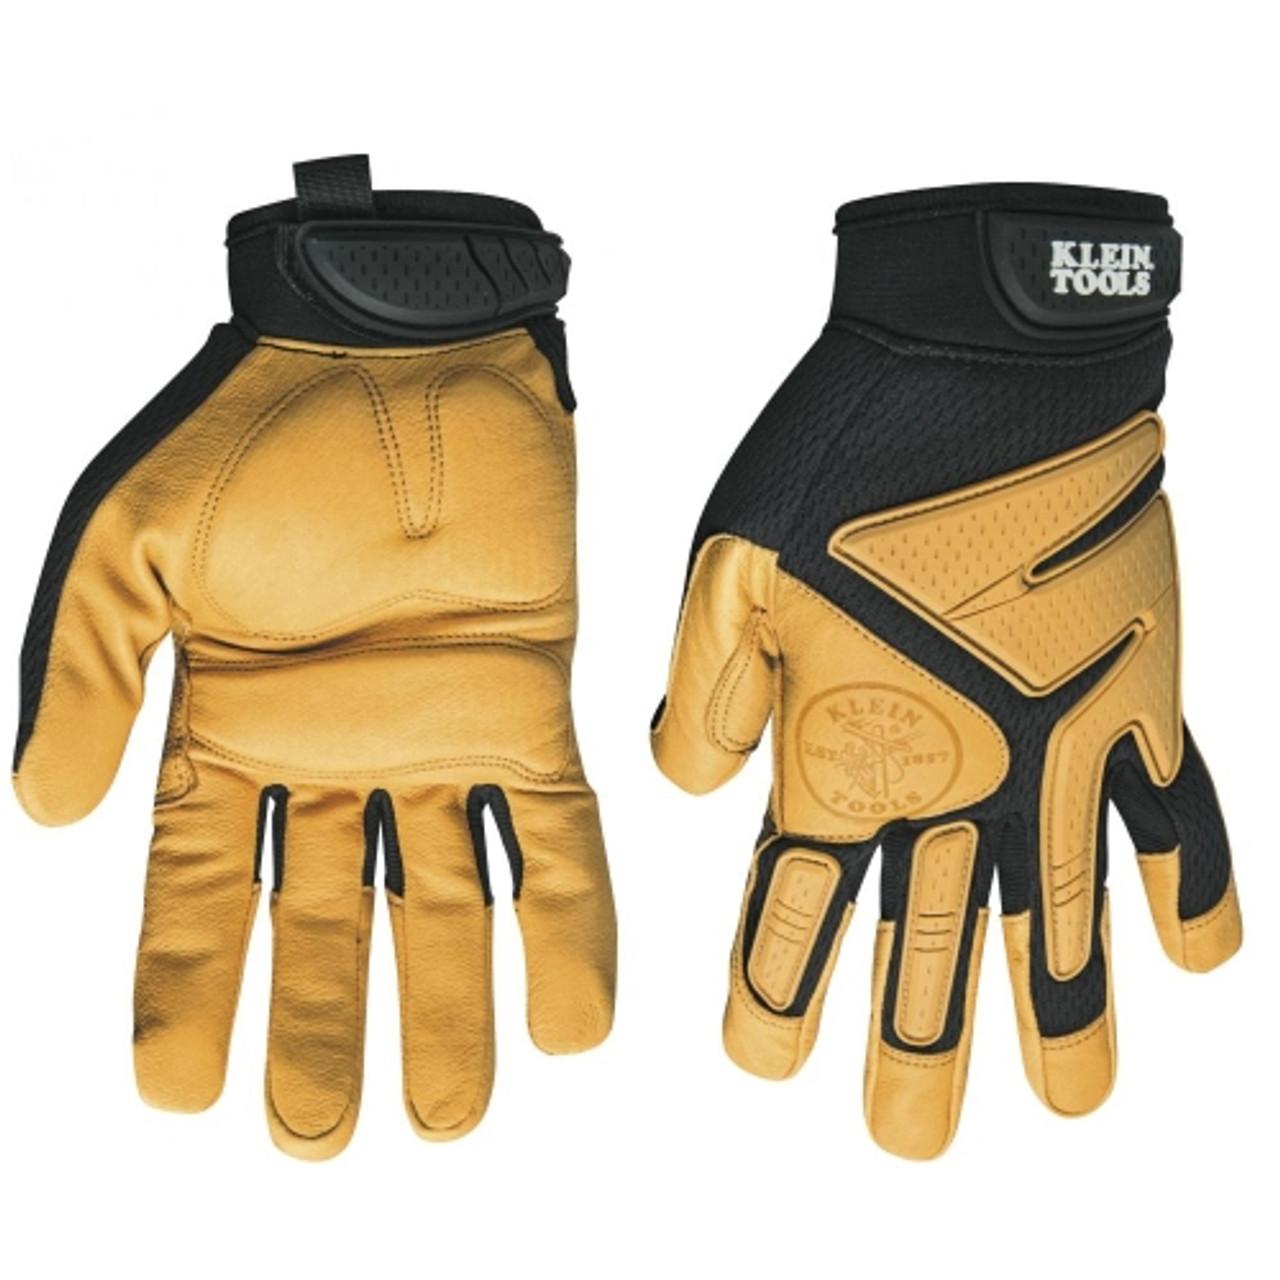 Klein 40220 Journeyman Leather Gloves, Medium